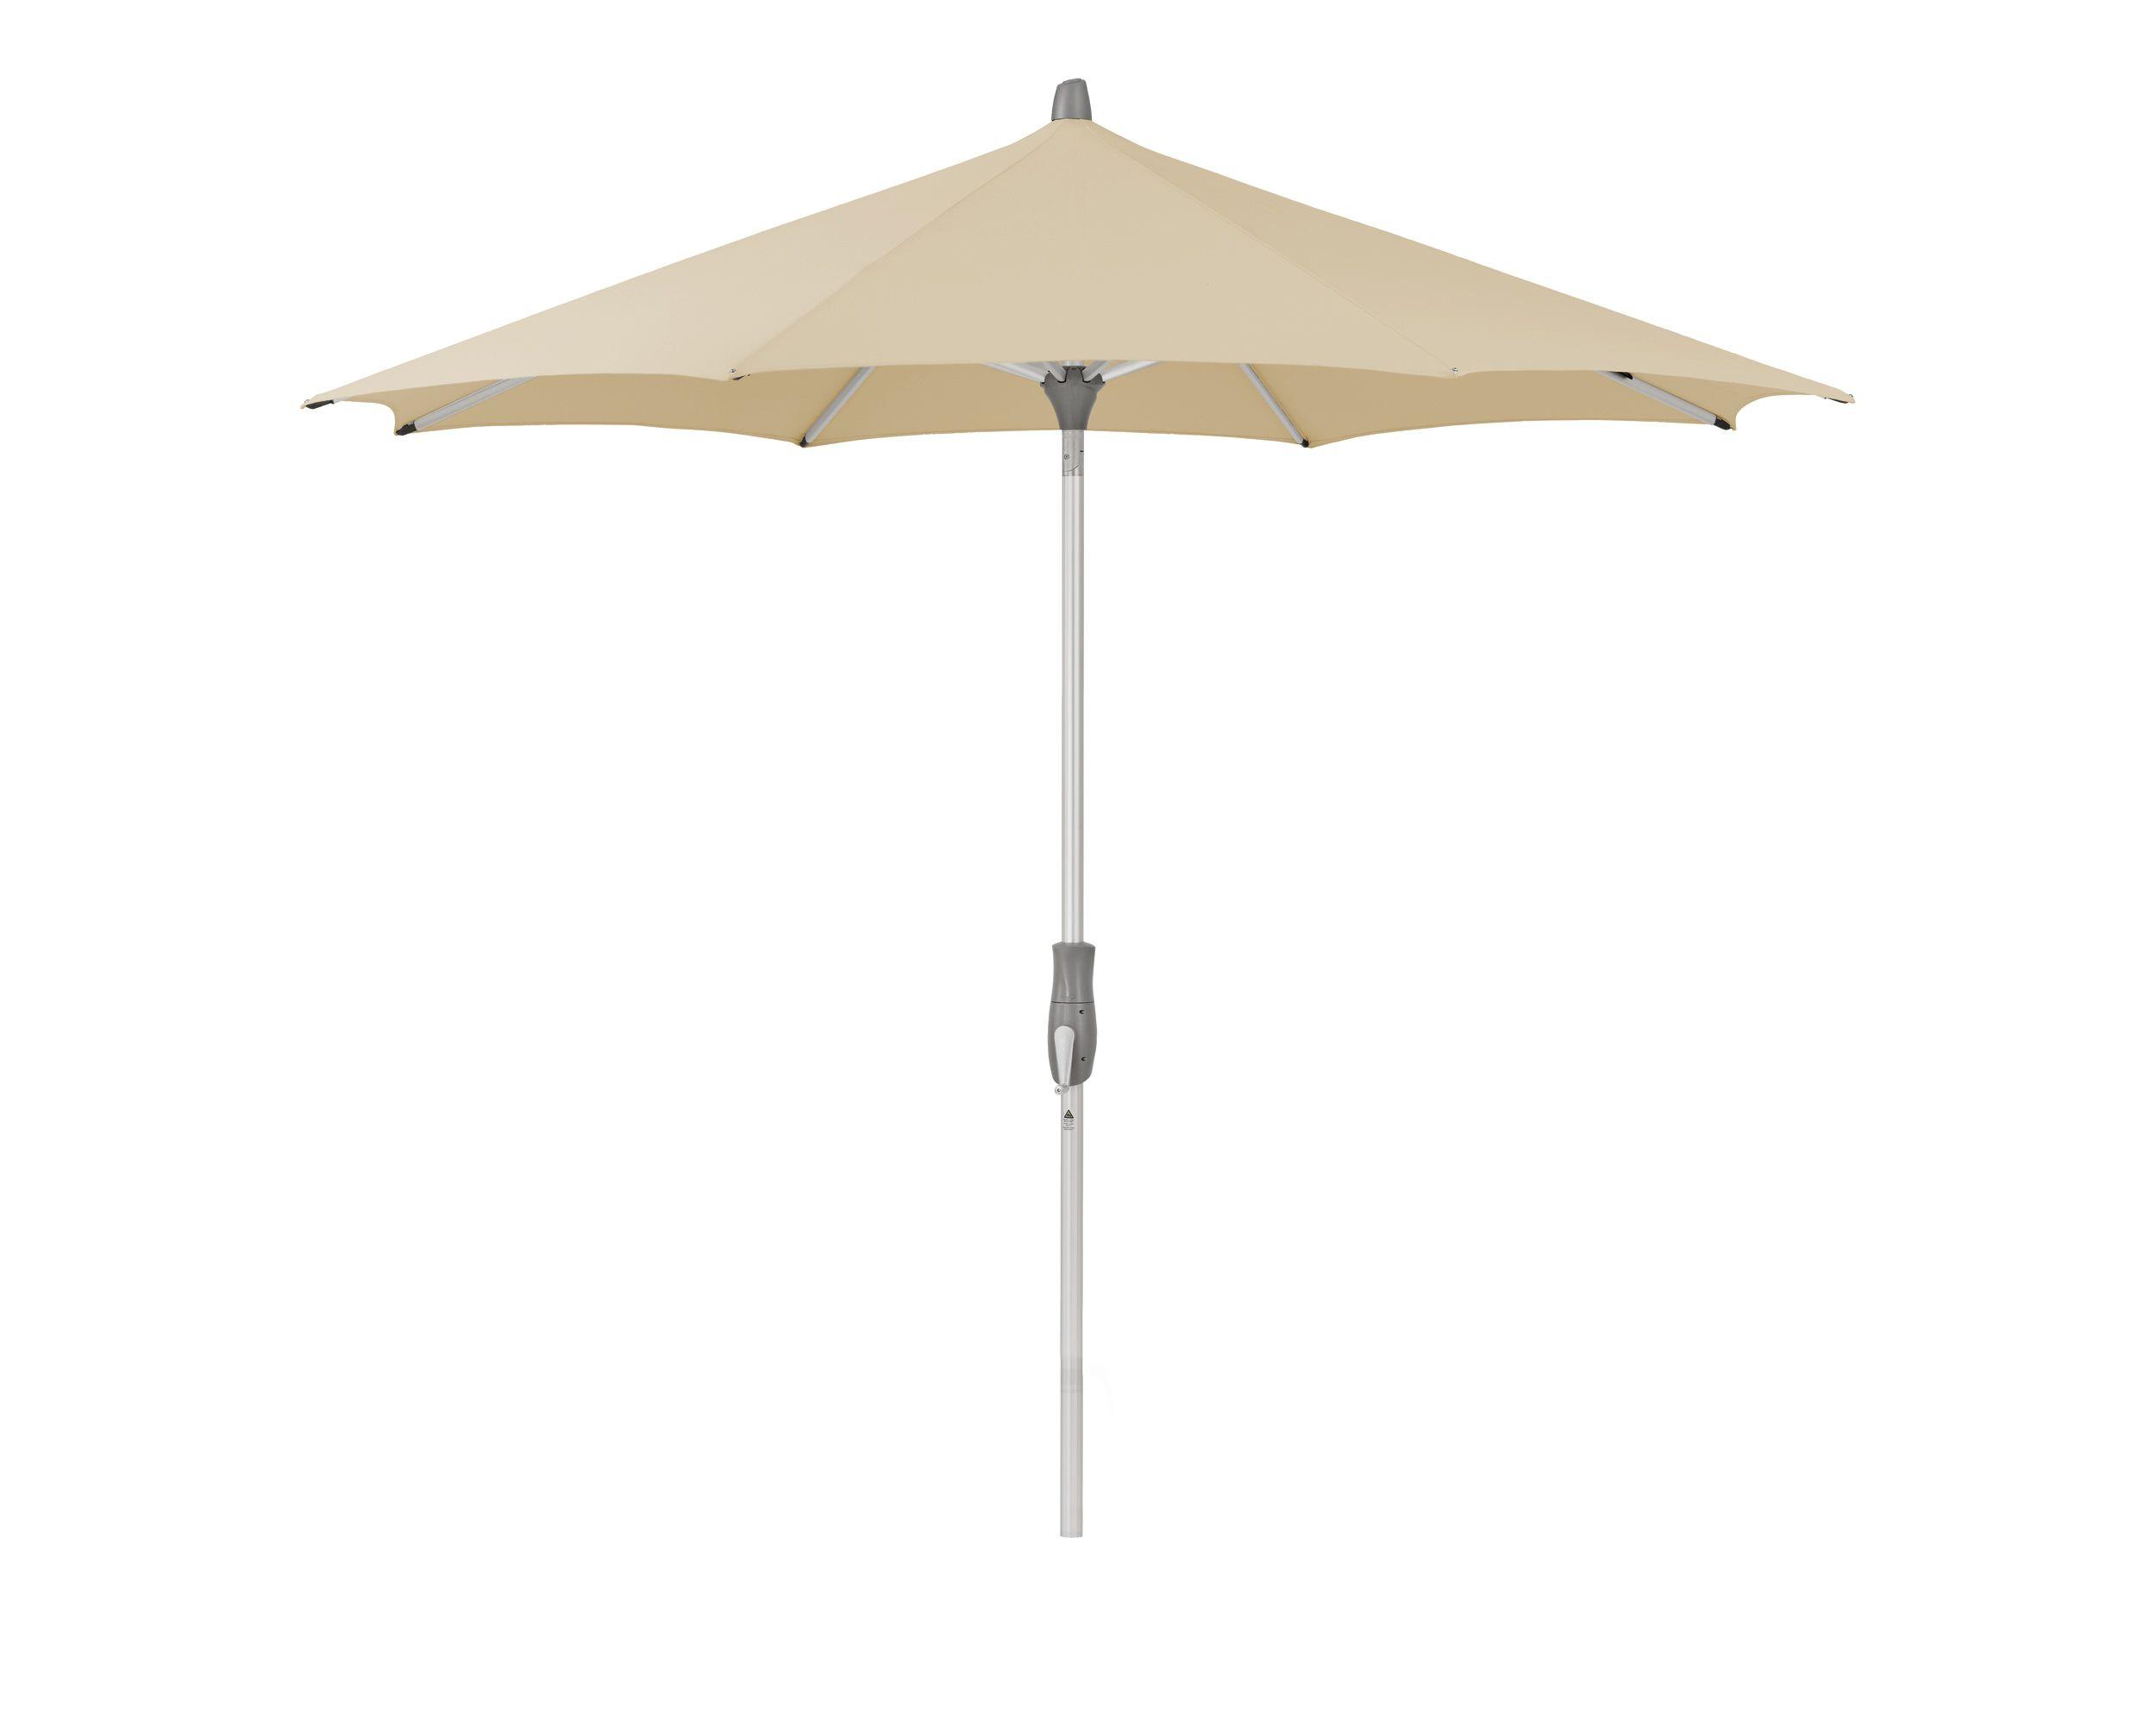 Sonnenschirm Alu-Twist, Ø 300 cm